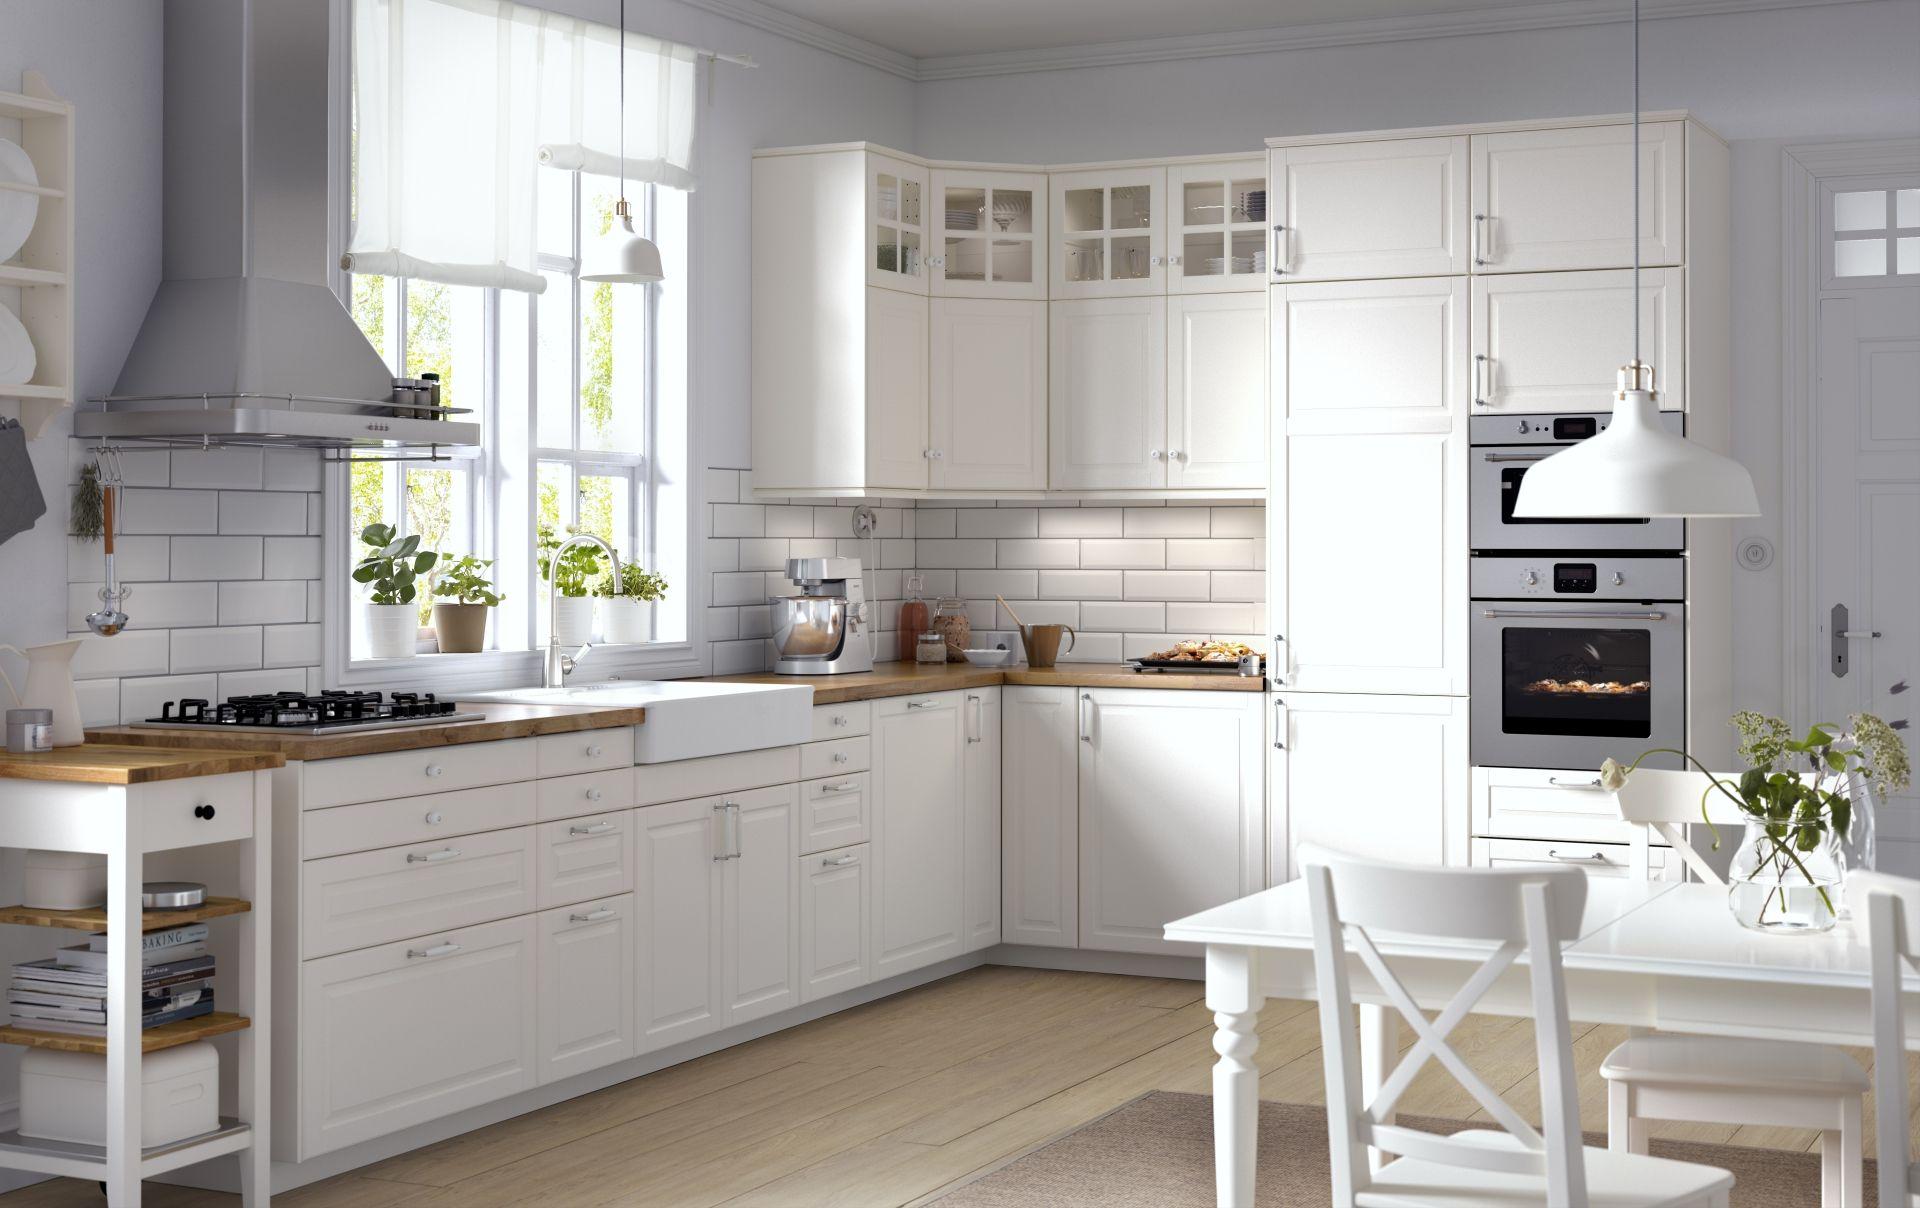 Metod Keuken Ikea Ikeanl Keukensysteem Landelijk Wit Hout